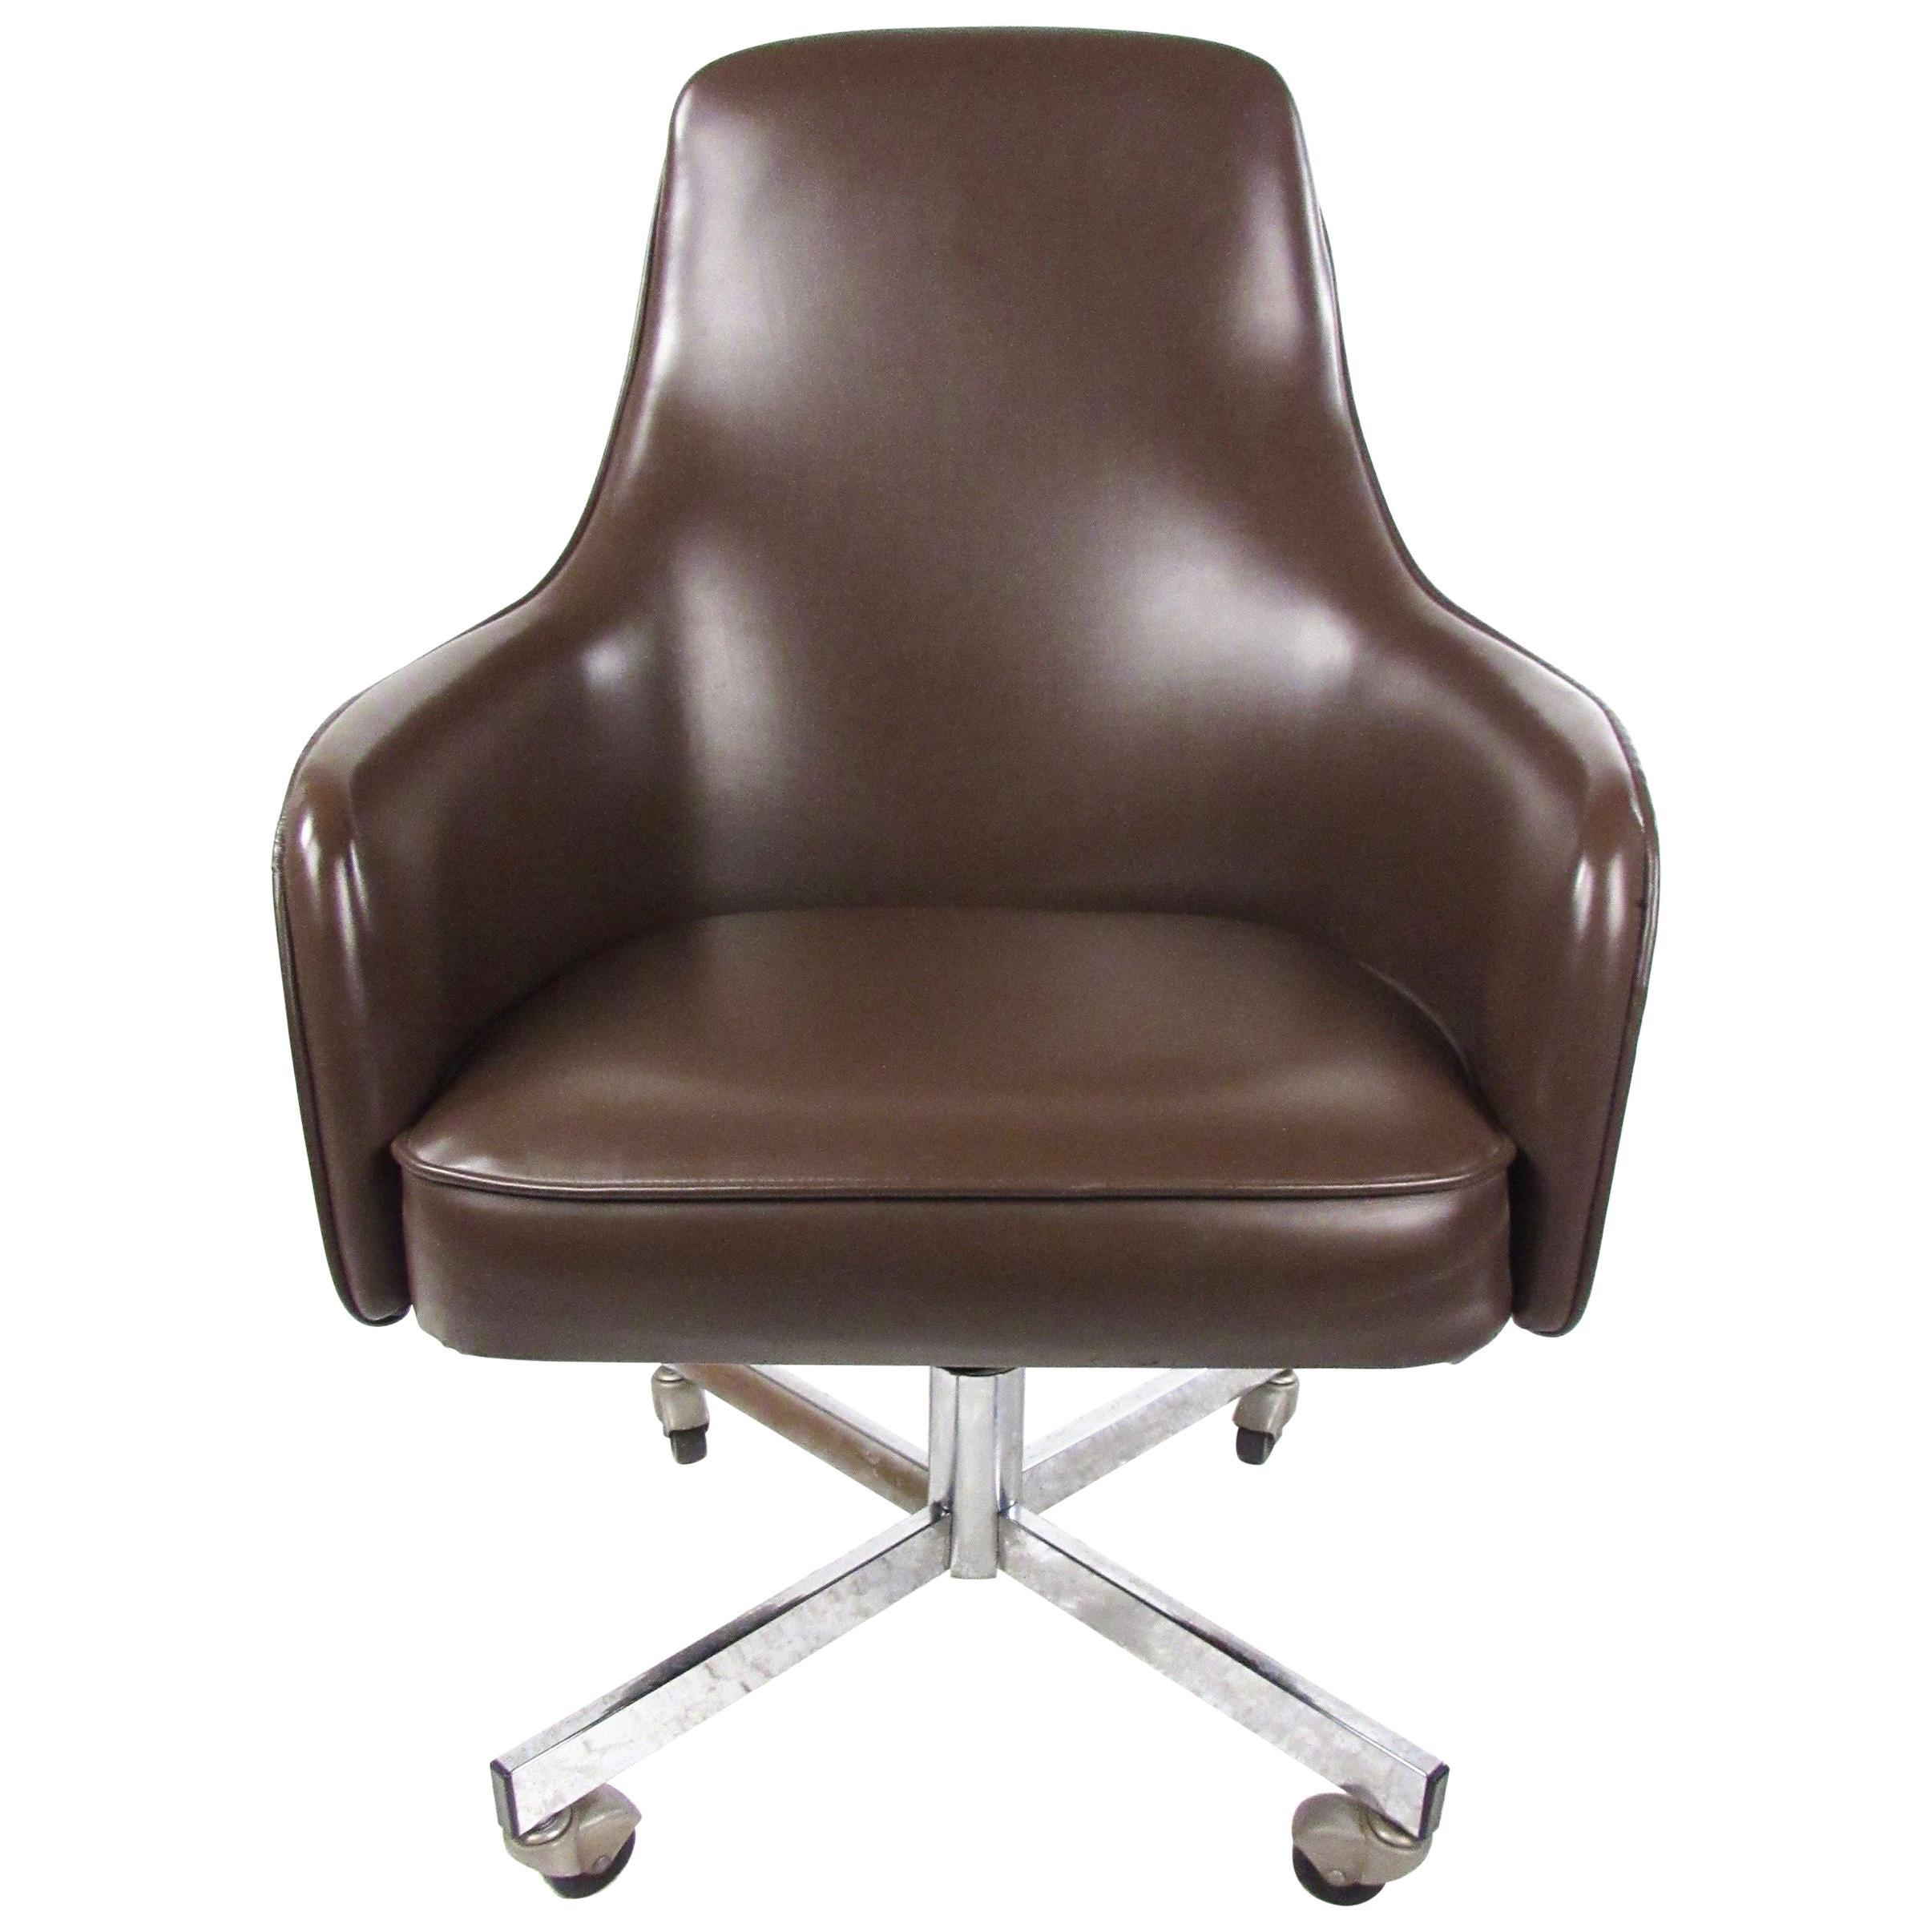 Vintage Swivel Desk Chair By Jansko For Sale